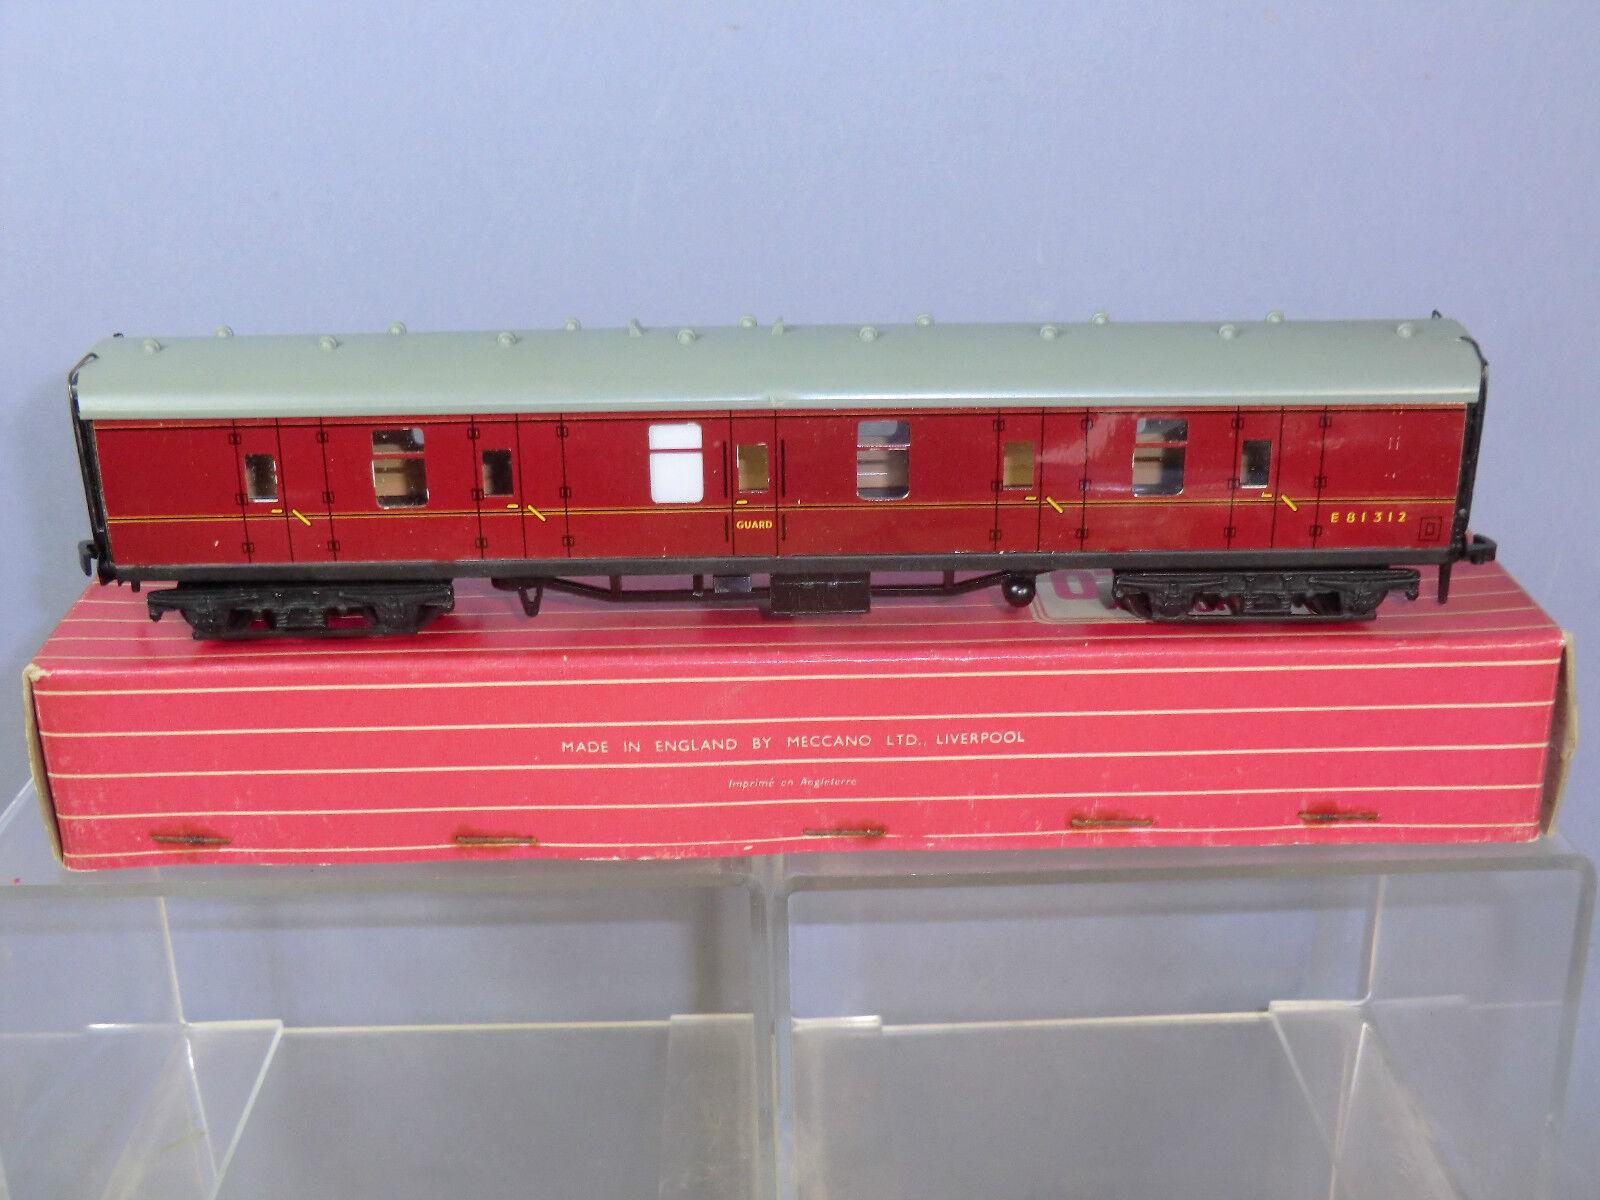 HORNBY DUBLO 2 3 RAIL MODEL No.4075 BR  (ER ) MK1 PASSENGER ALL BRAKE